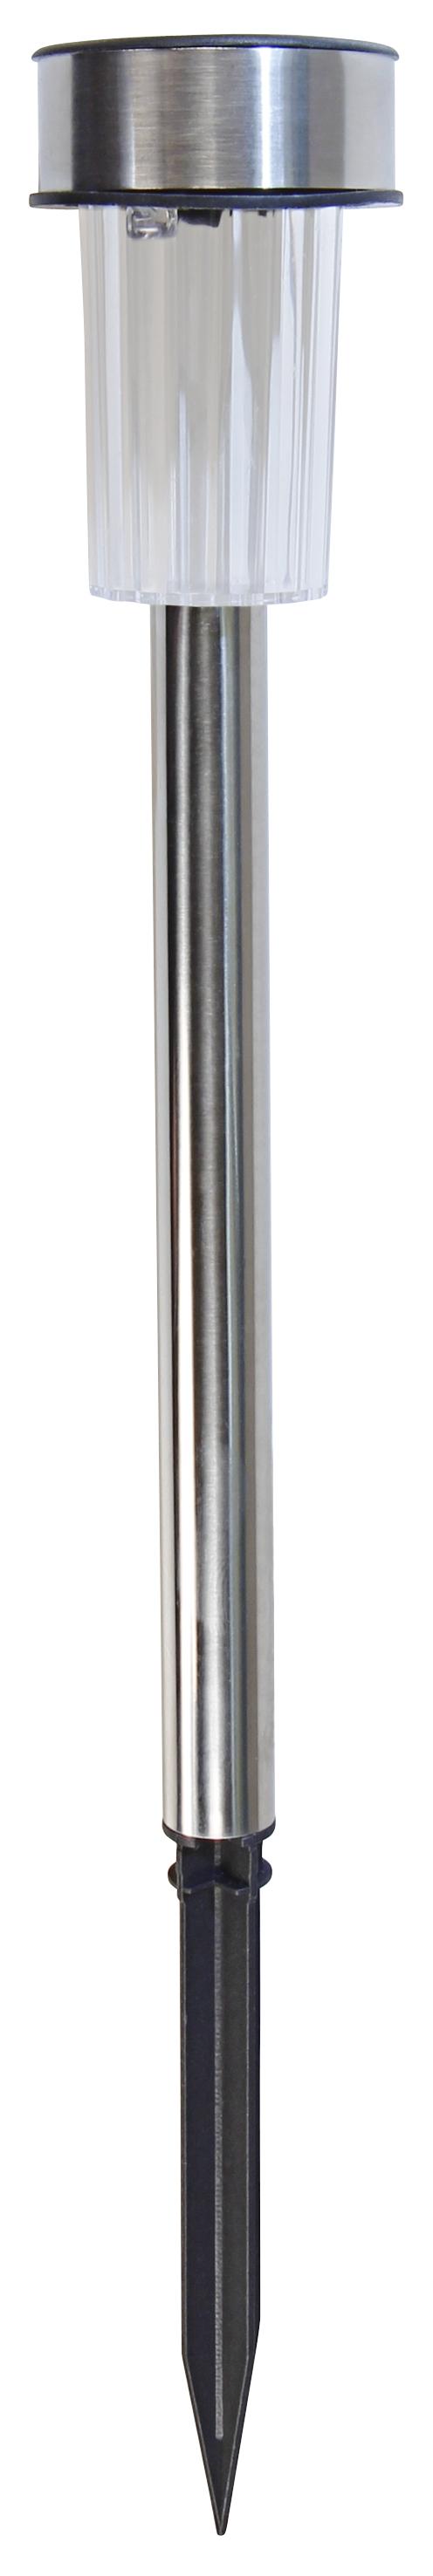 LED Solar-Gartenleuchte, Edelstahl, ØxL 4,7x36,5cm